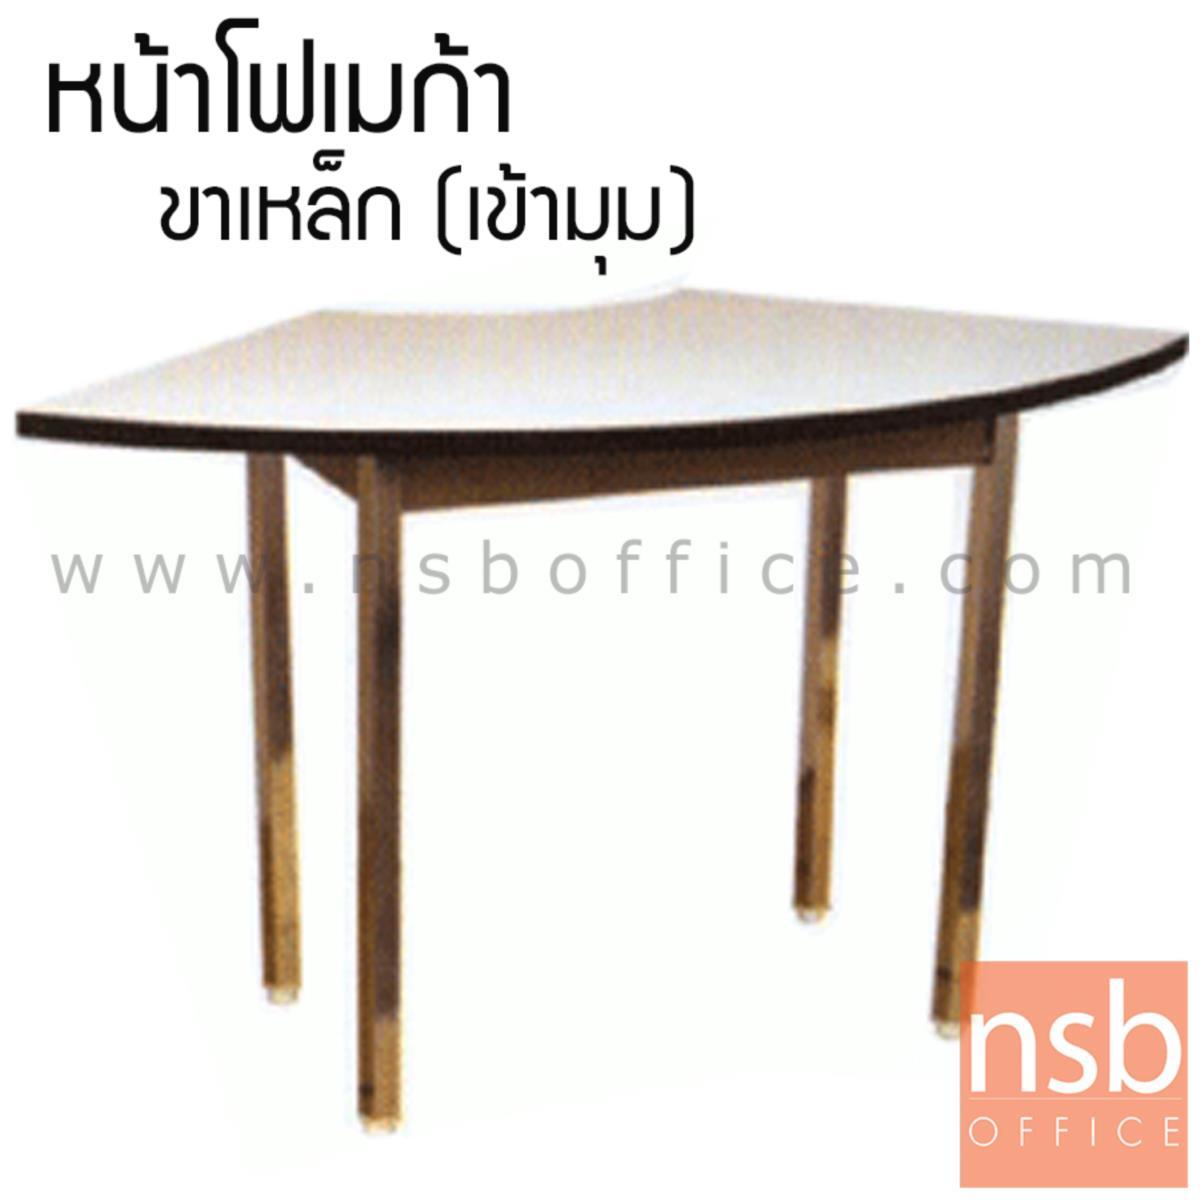 A07A017:โต๊ะเข้ามุมหน้าโฟเมก้า 1.1 มม. รุ่น Sumner (ซัมเนอร์) ขนาด 91W cm. ขาเหล็กชุบโครเมี่ยม